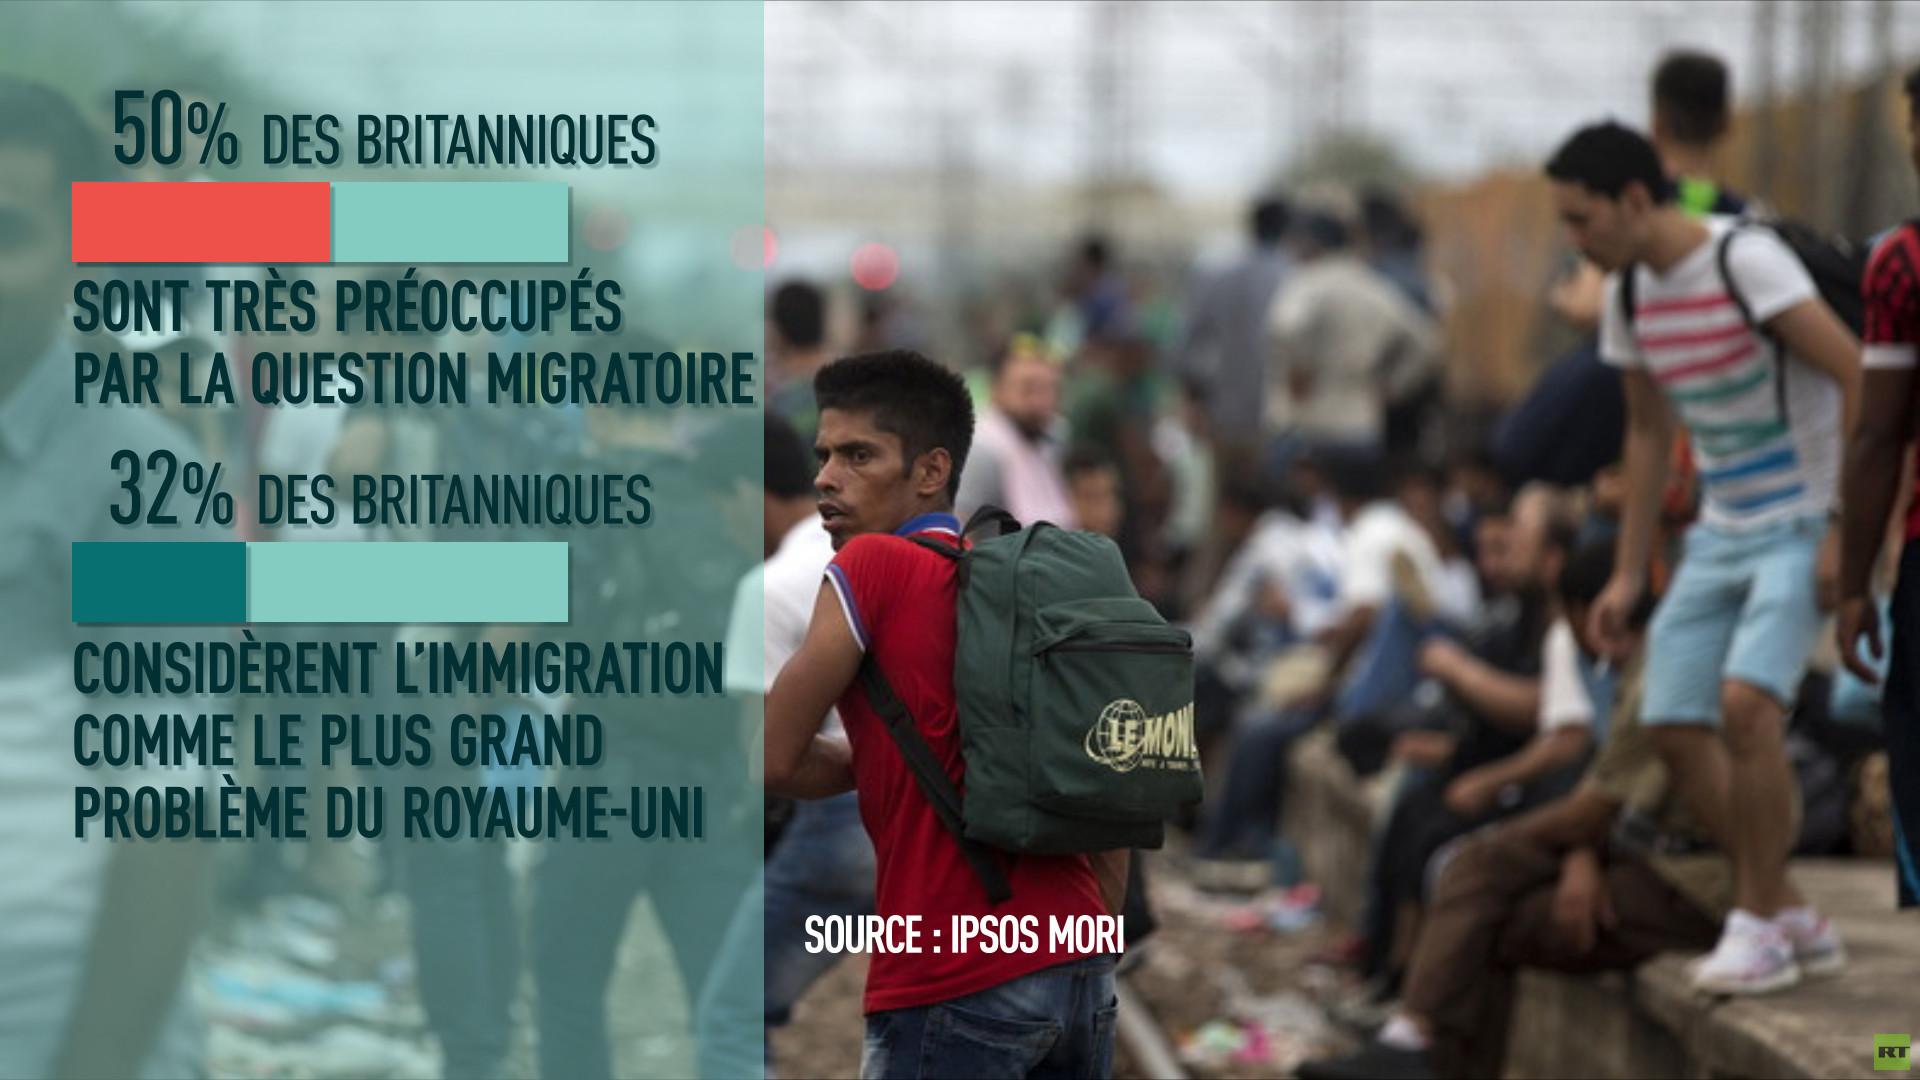 Royaume-Uni : la forte immigration devient un vrai casse-tête pour les autorités